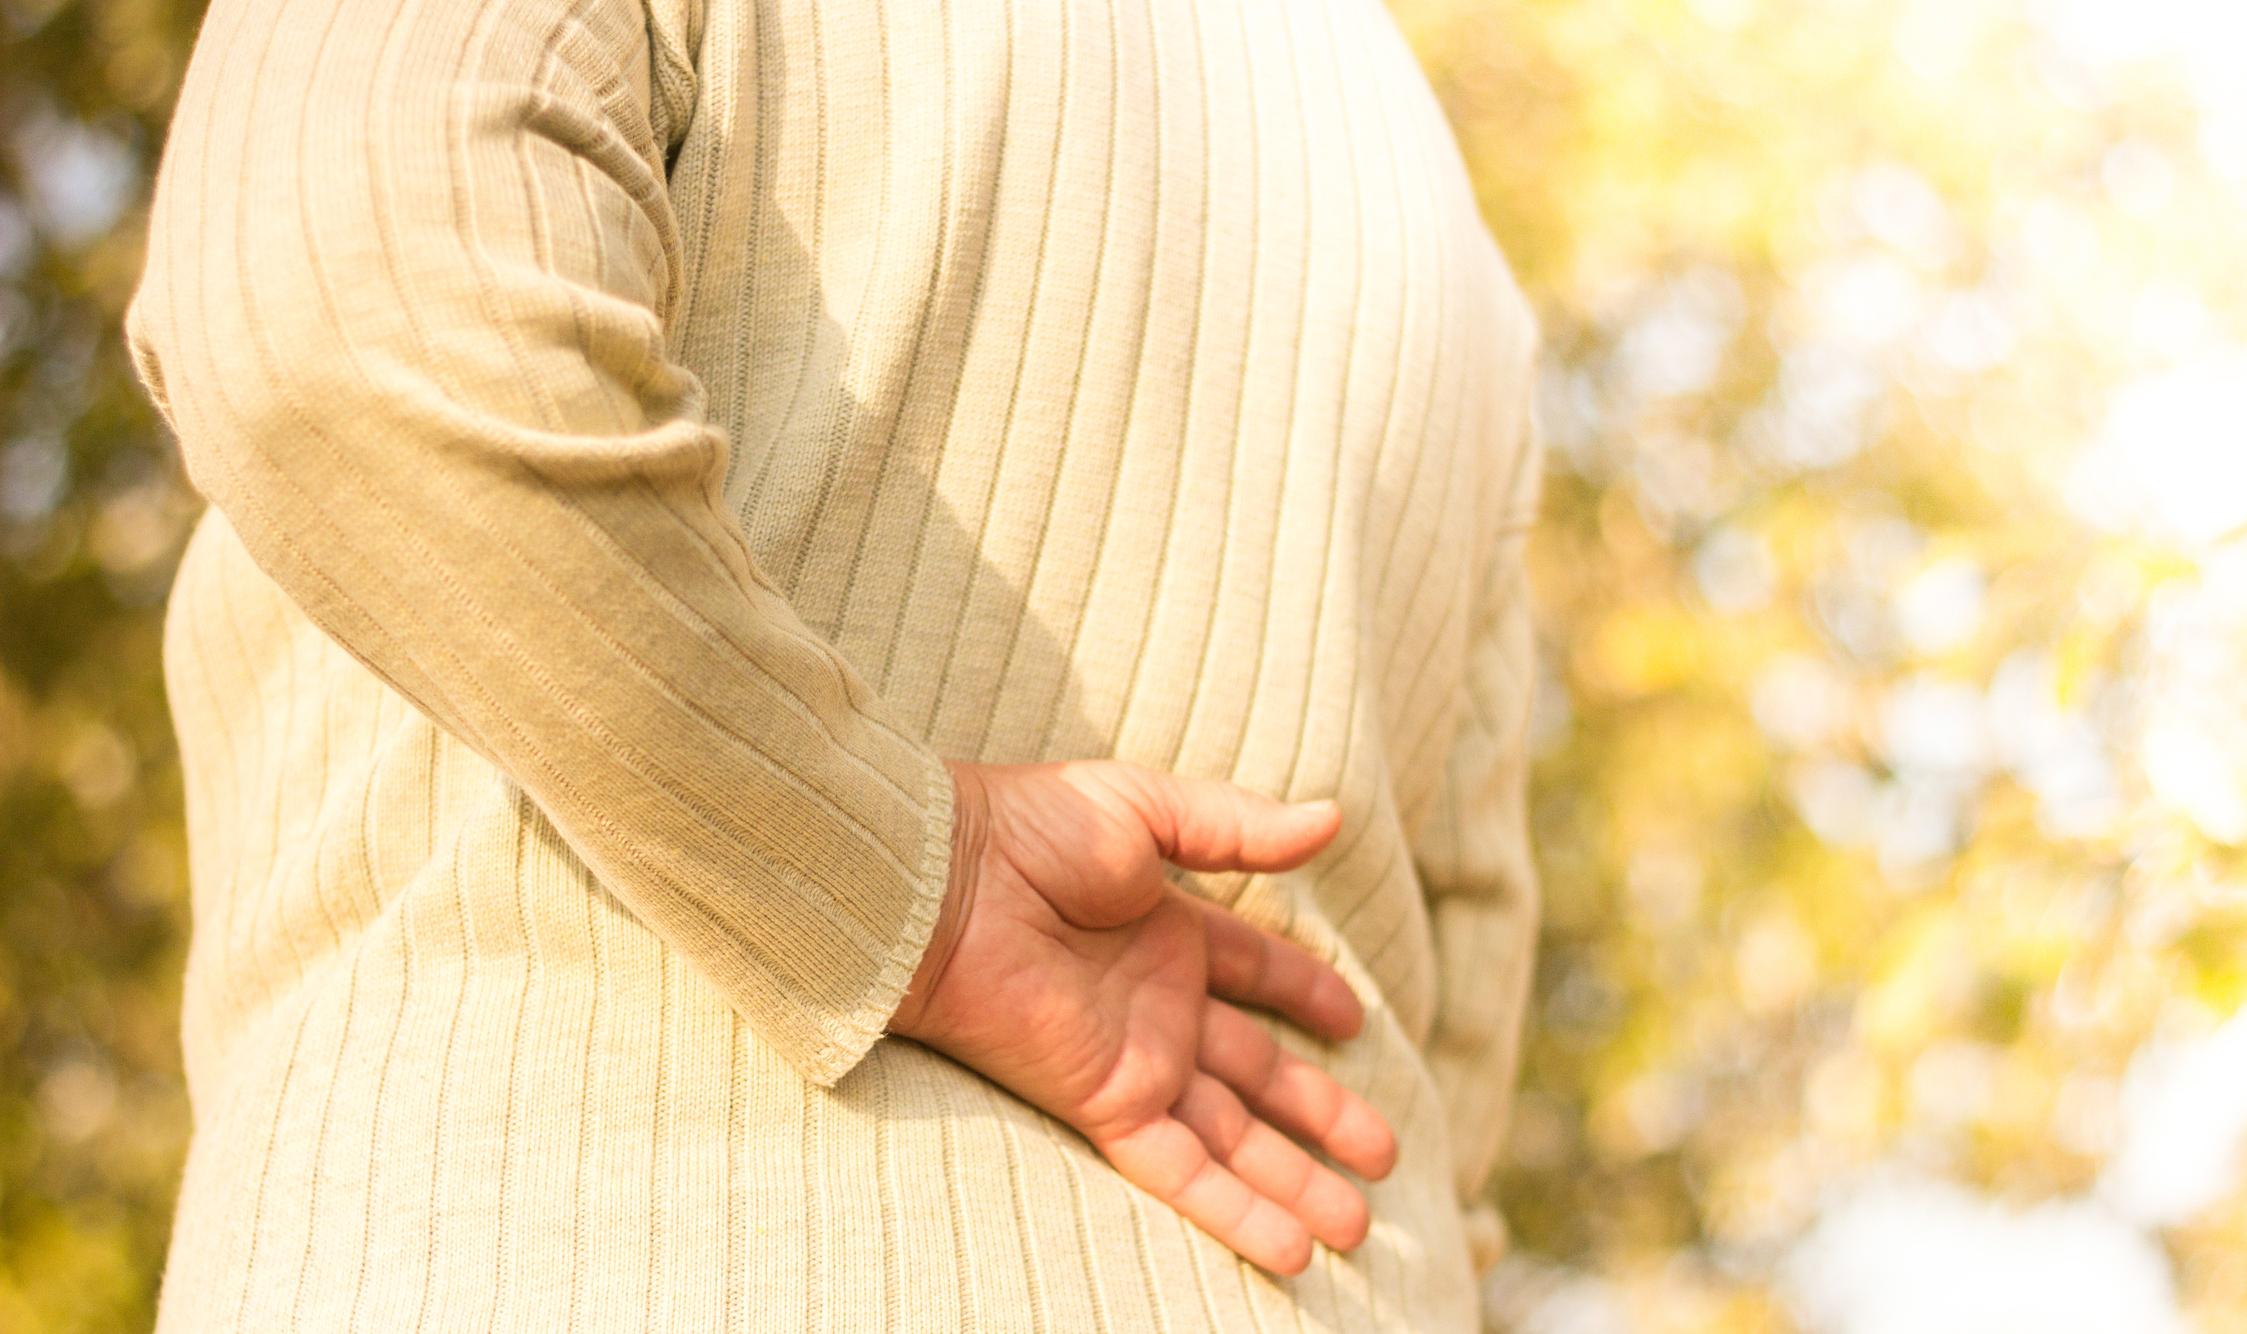 A dor causada pelo nervo ciático, a ciatalgia, é um problema que atinge homens e mulheres, principalmente a partir dos 40 anos.